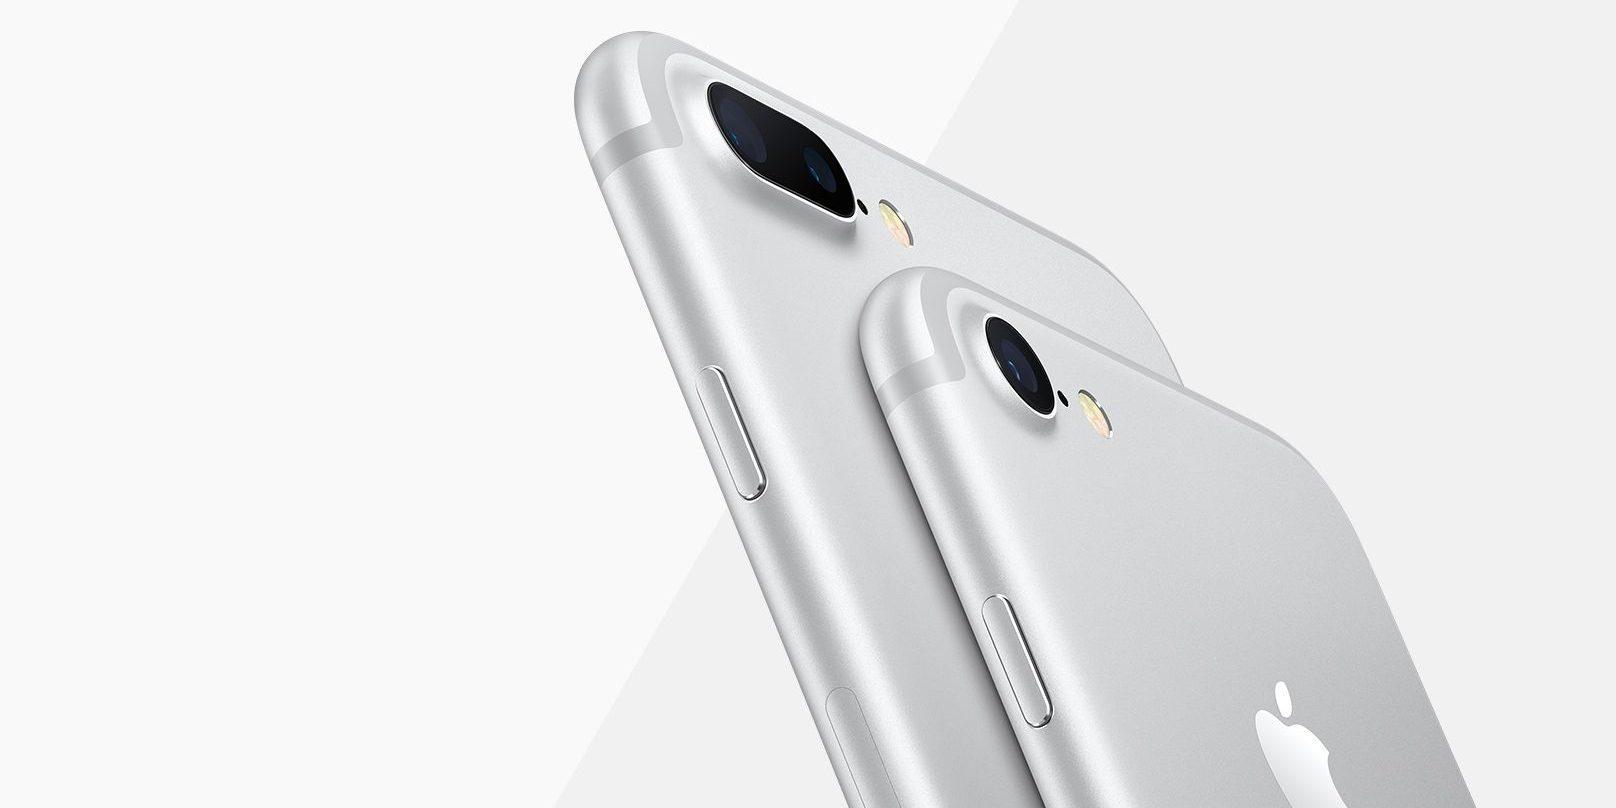 L'iPhone 9 Plus confirmé dans le code d'iOS 14